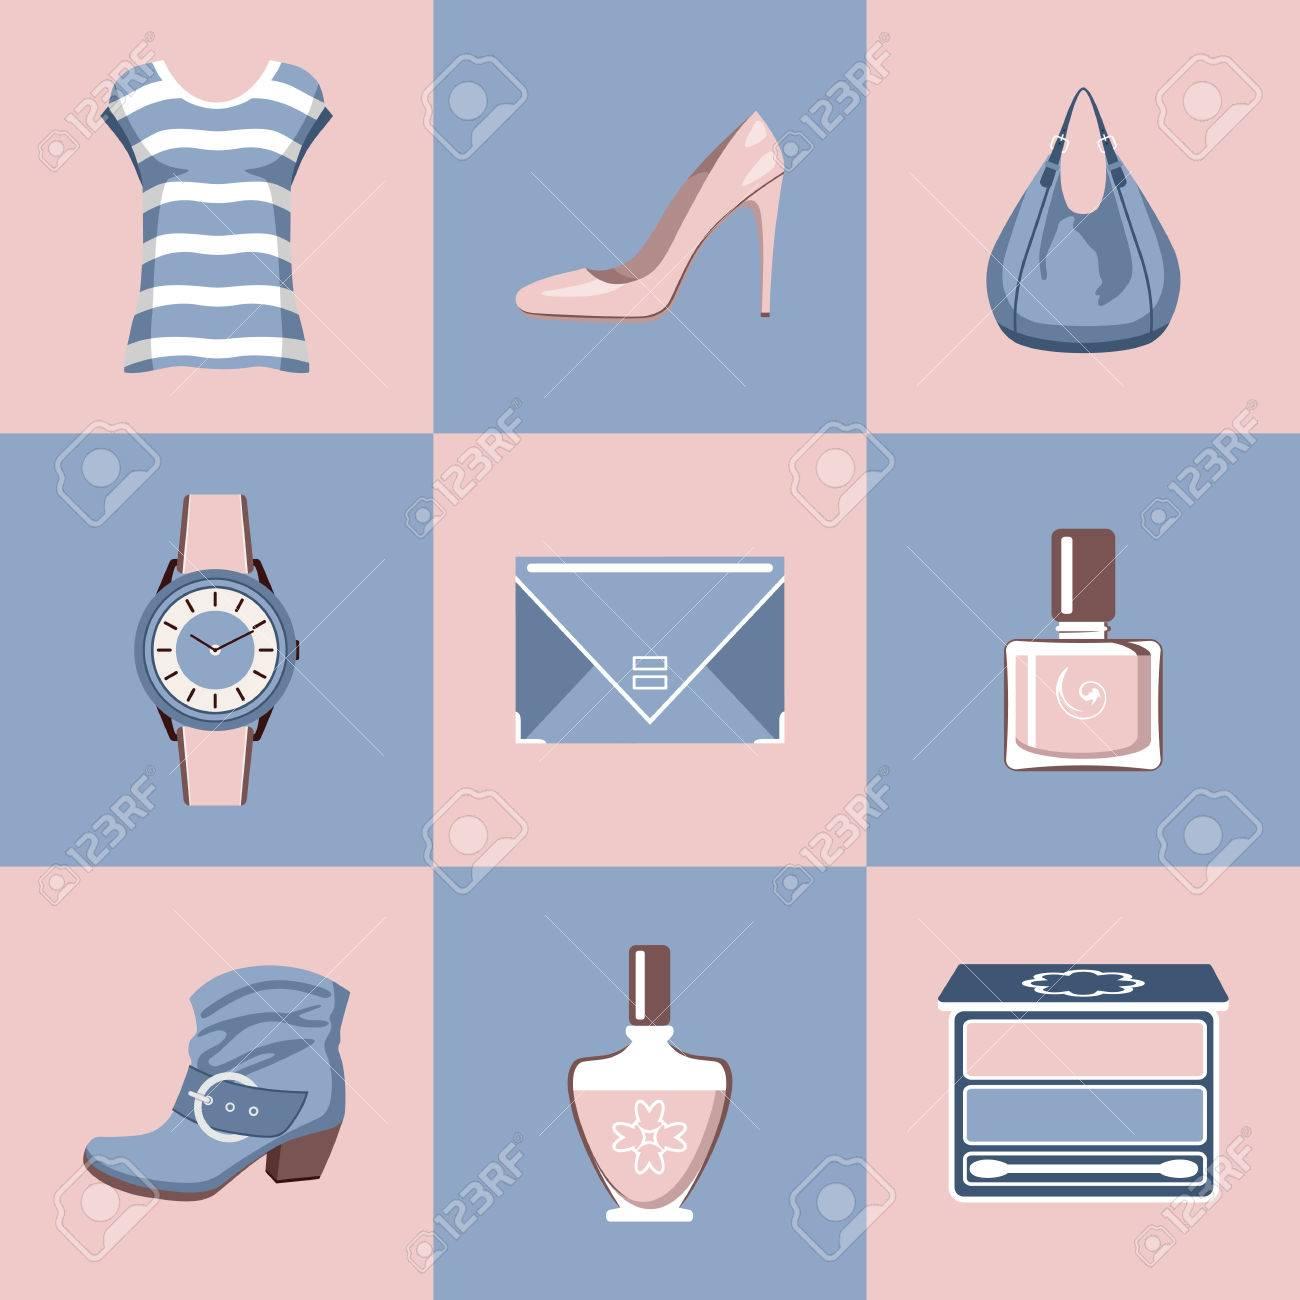 21b304d1 Foto de archivo - Moda encuentra en un diseño plano estilo. Ropa, calzado,  cosméticos, accesorios. ilustración vectorial